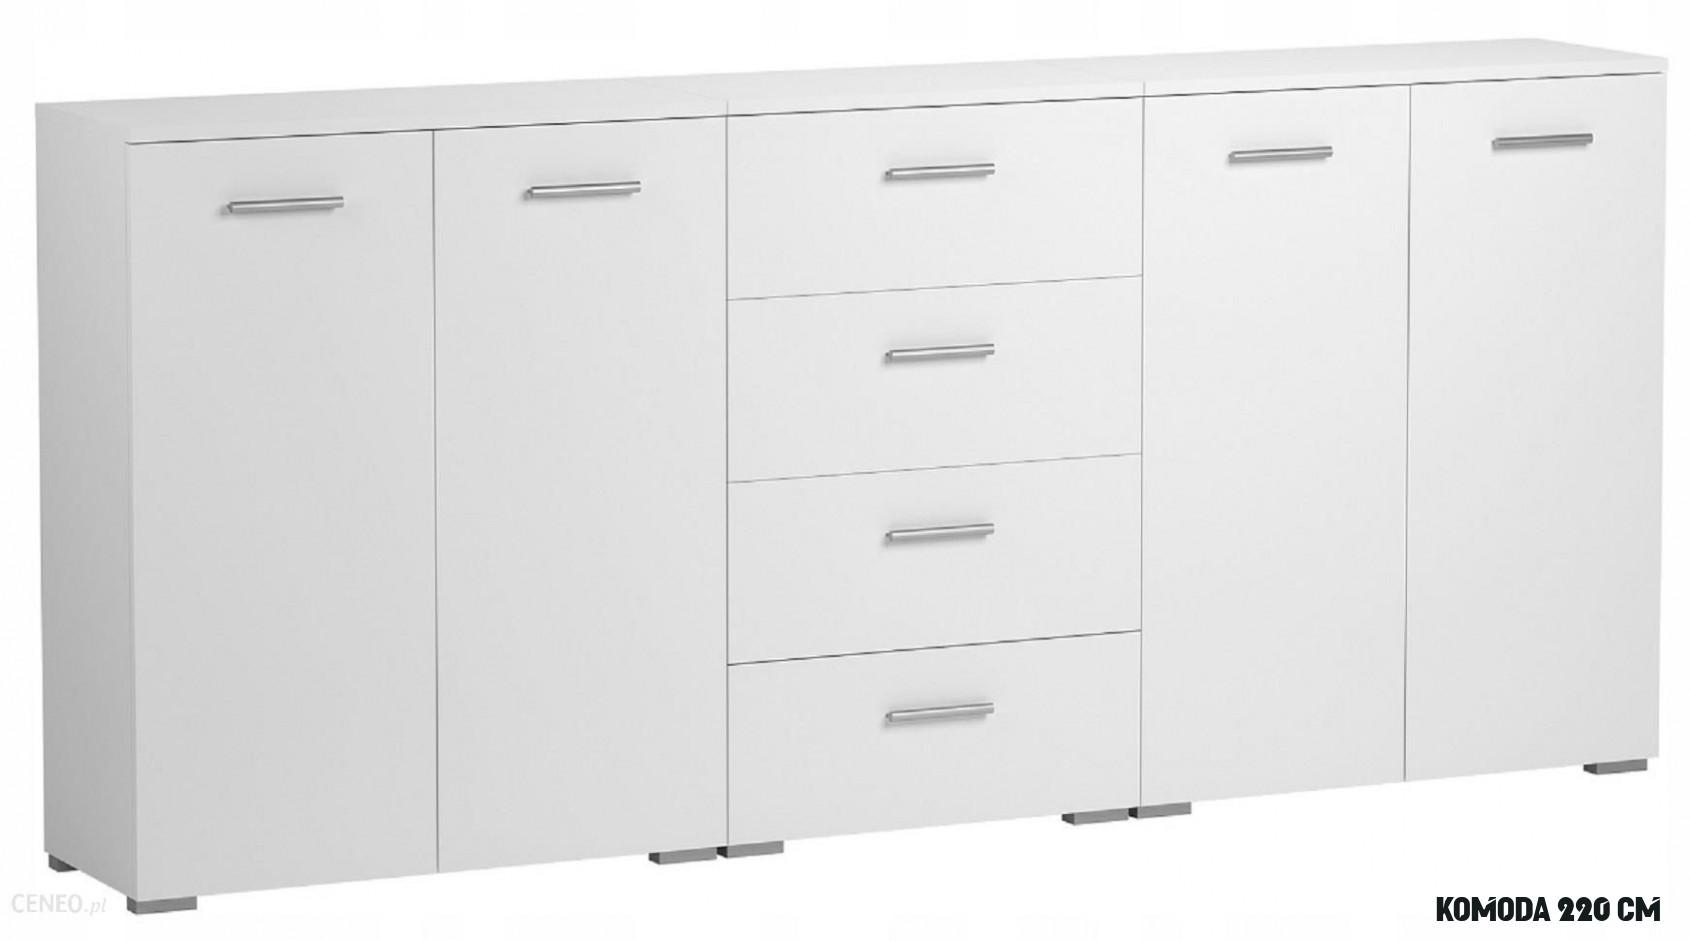 Komoda 10 cm Biały kolekcja meble 10k - Opinie i atrakcyjne ceny na Ceneo.pl